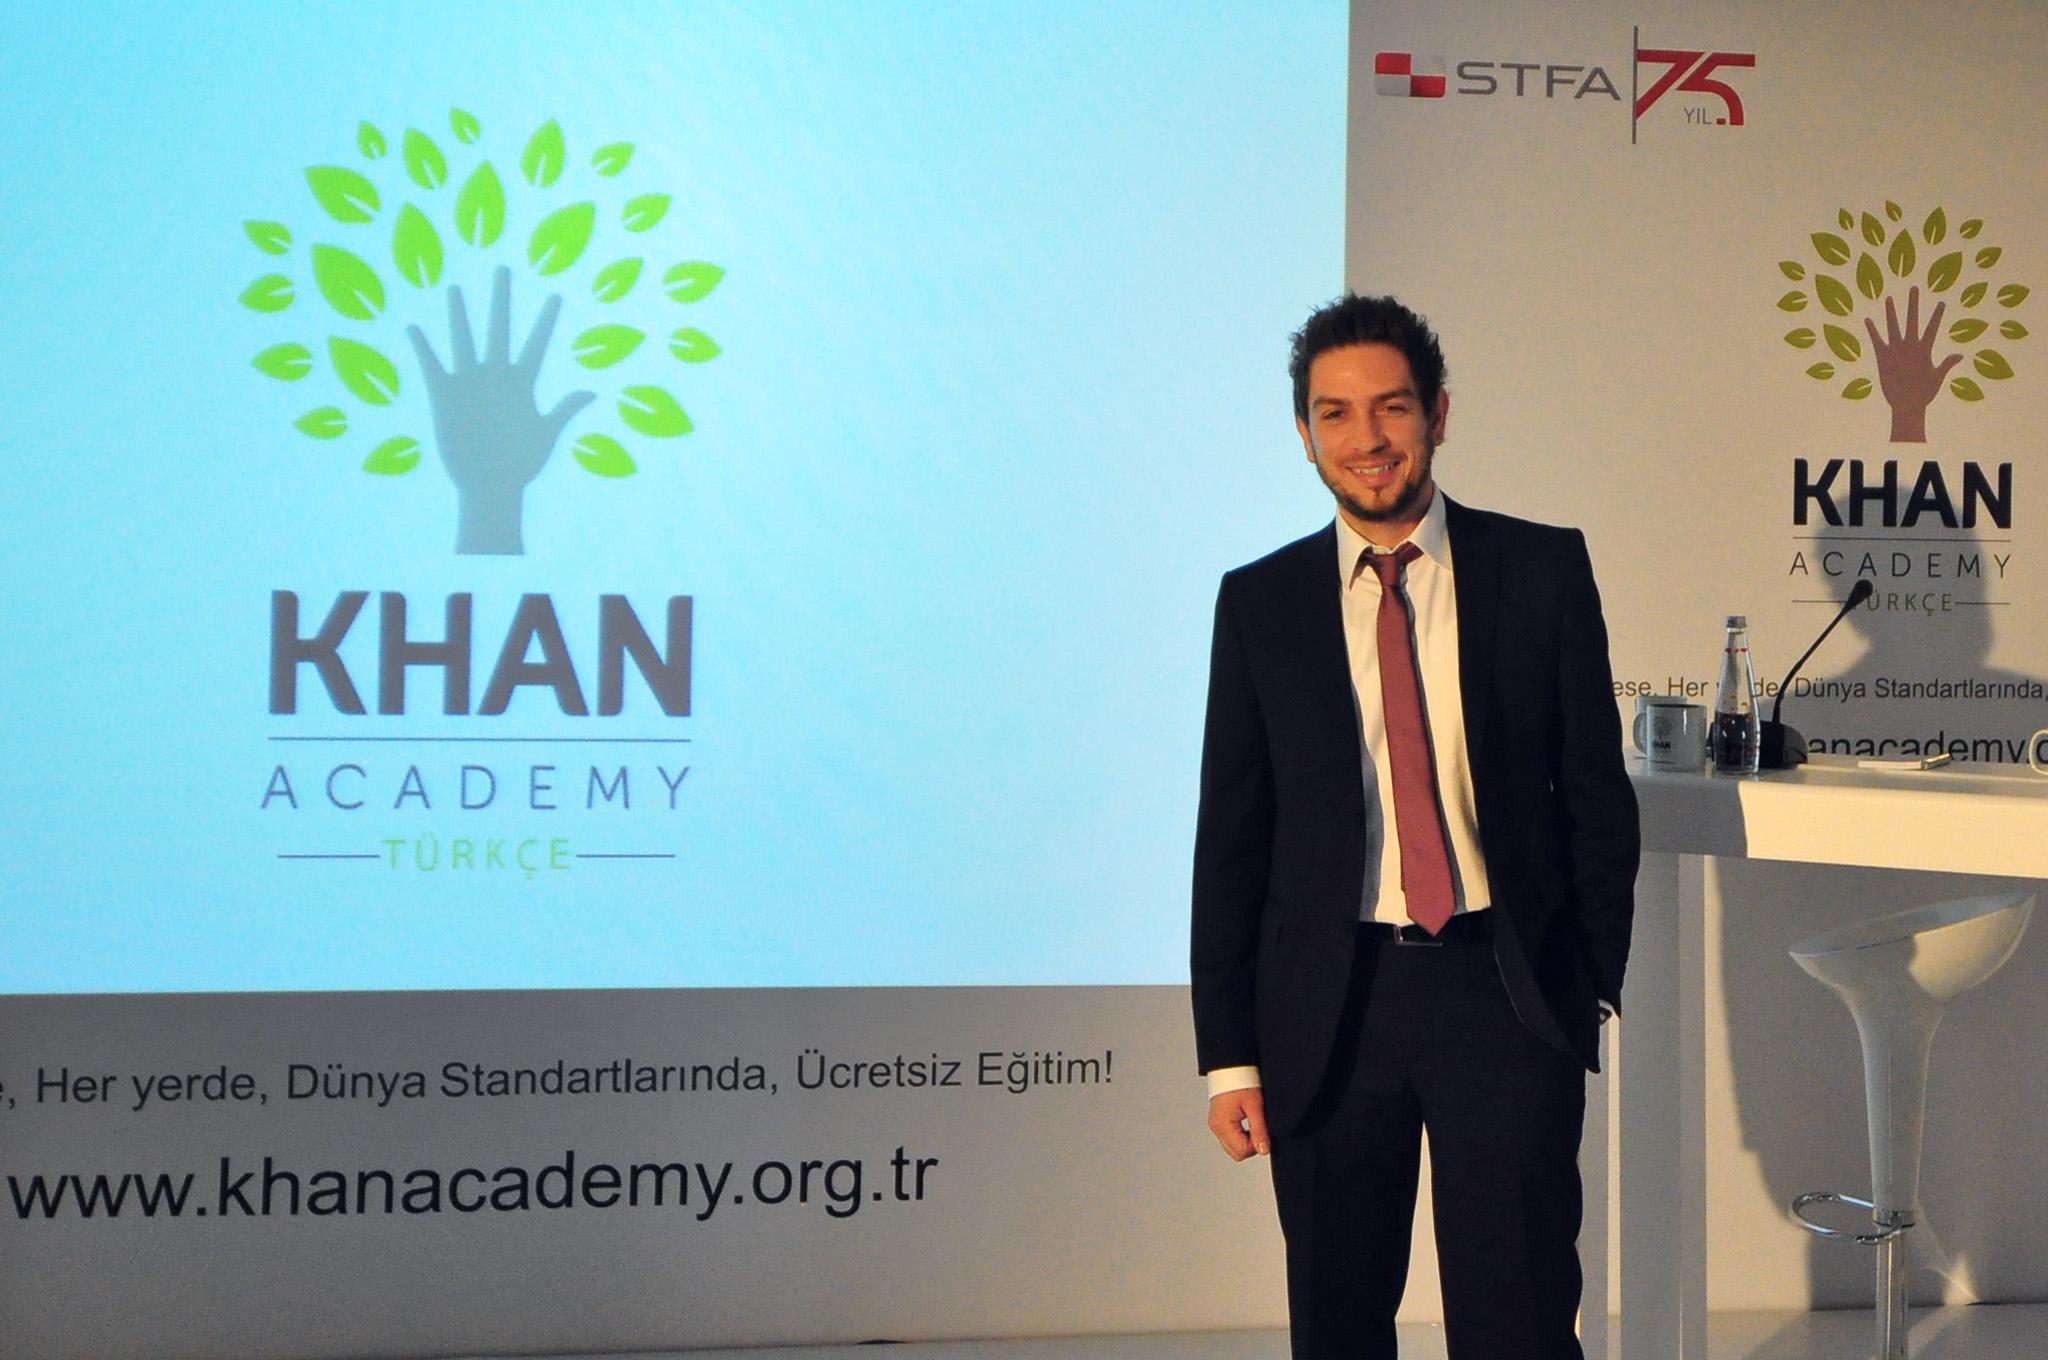 Alp Köksal - Khan Academy TR